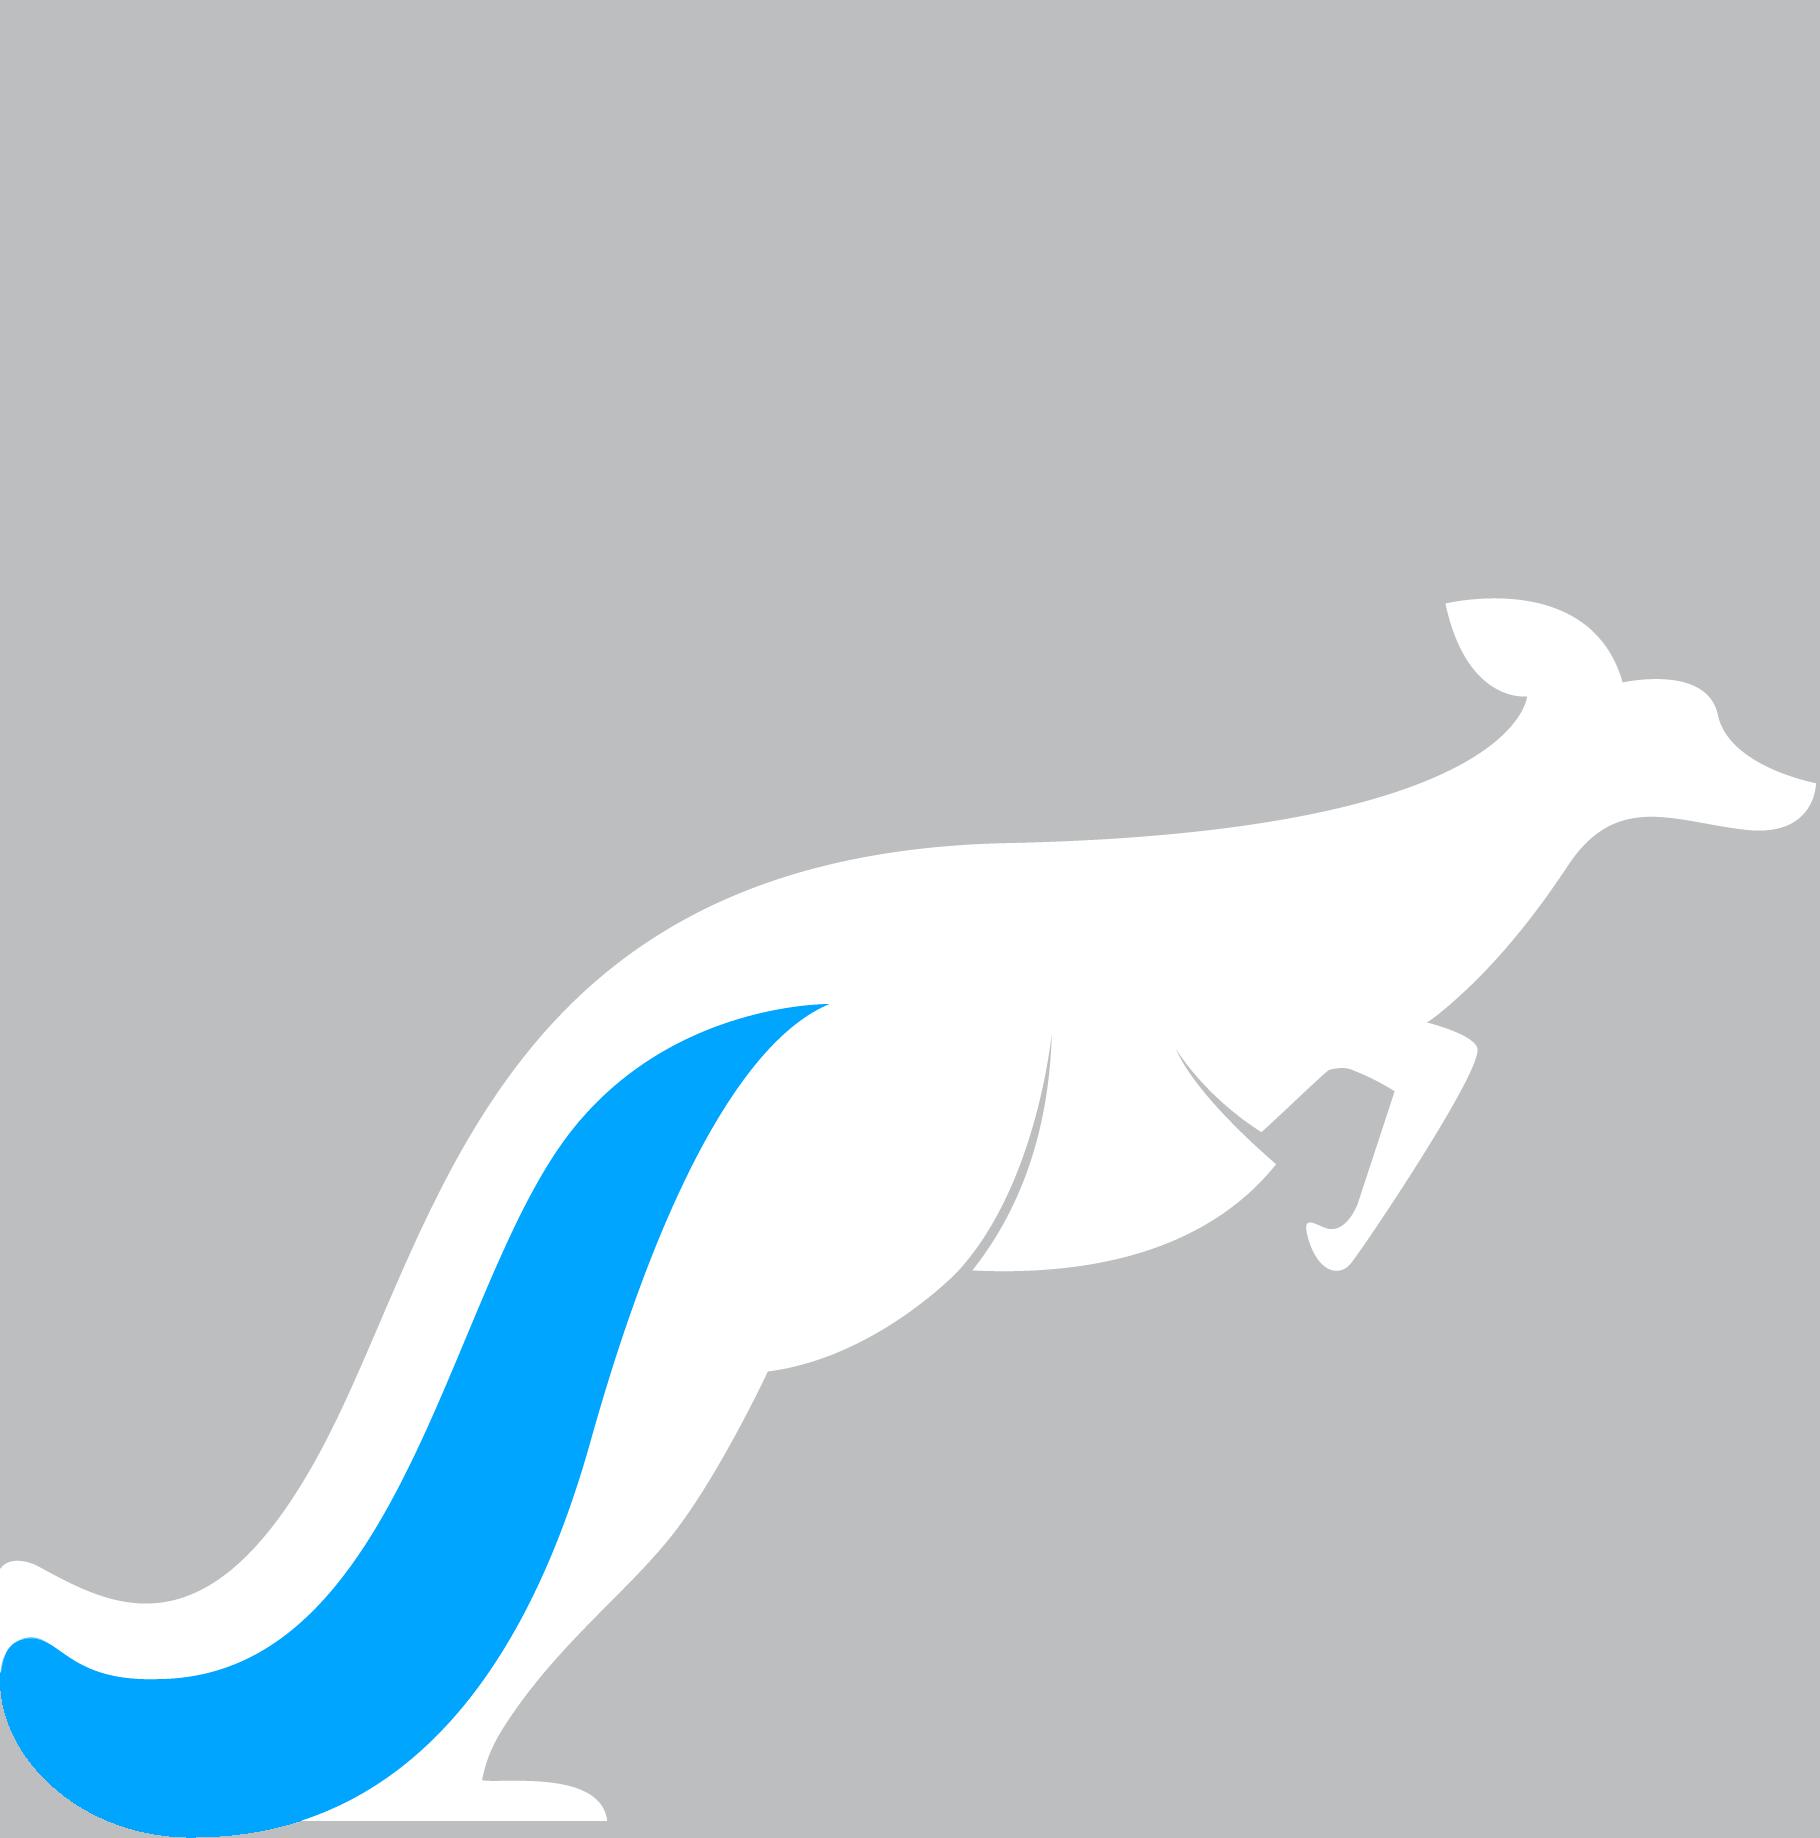 Jagzn